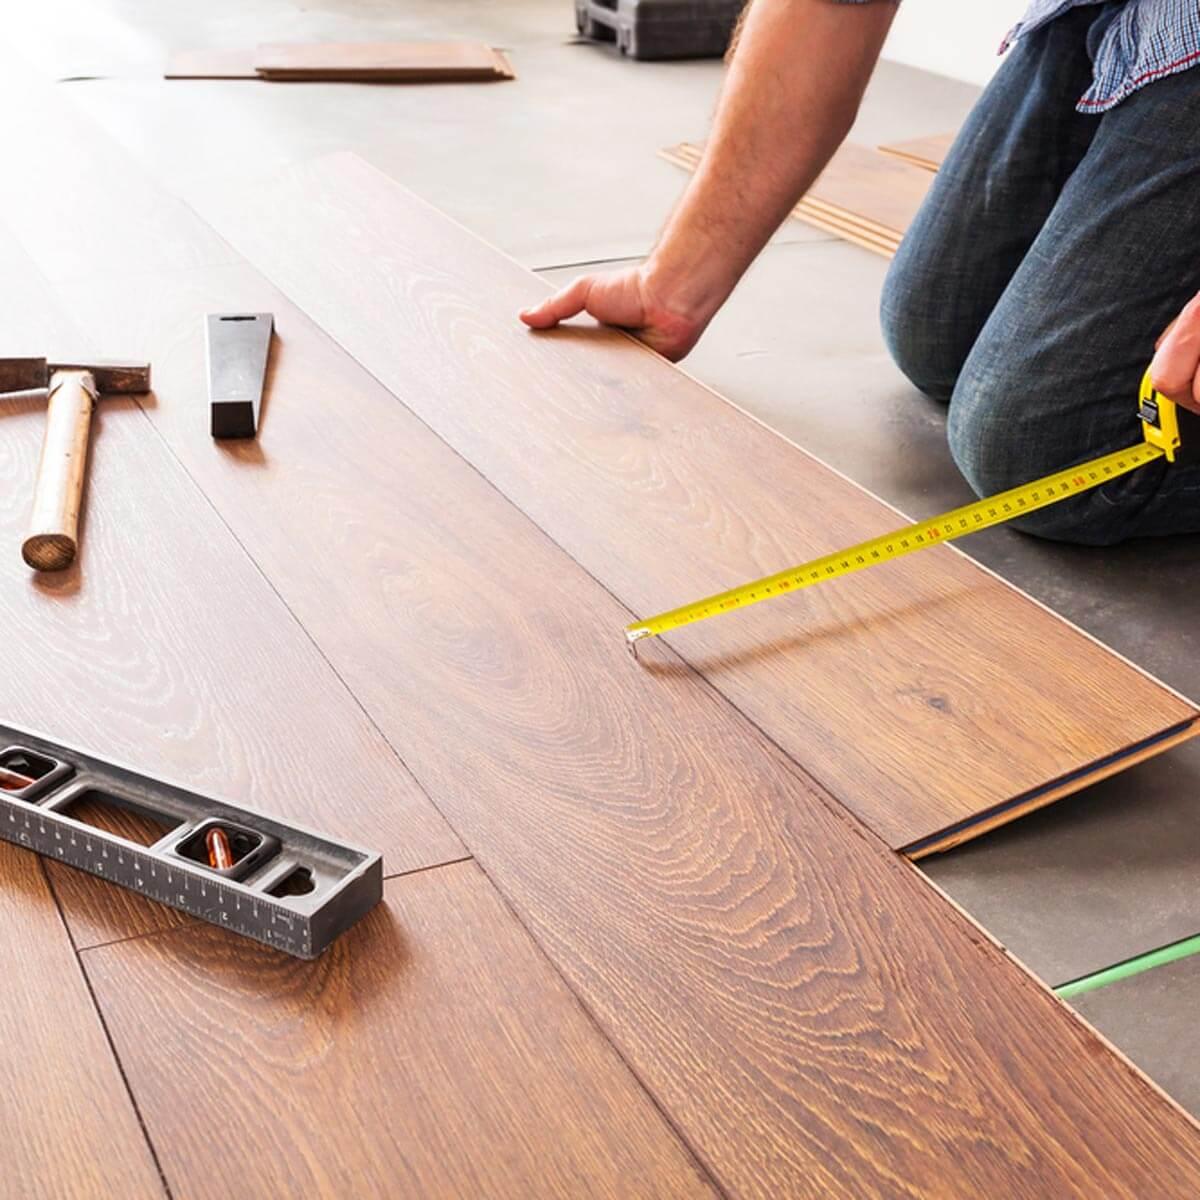 Một số công cụ cần dùng khi thi công sàn gỗ tự nhiên